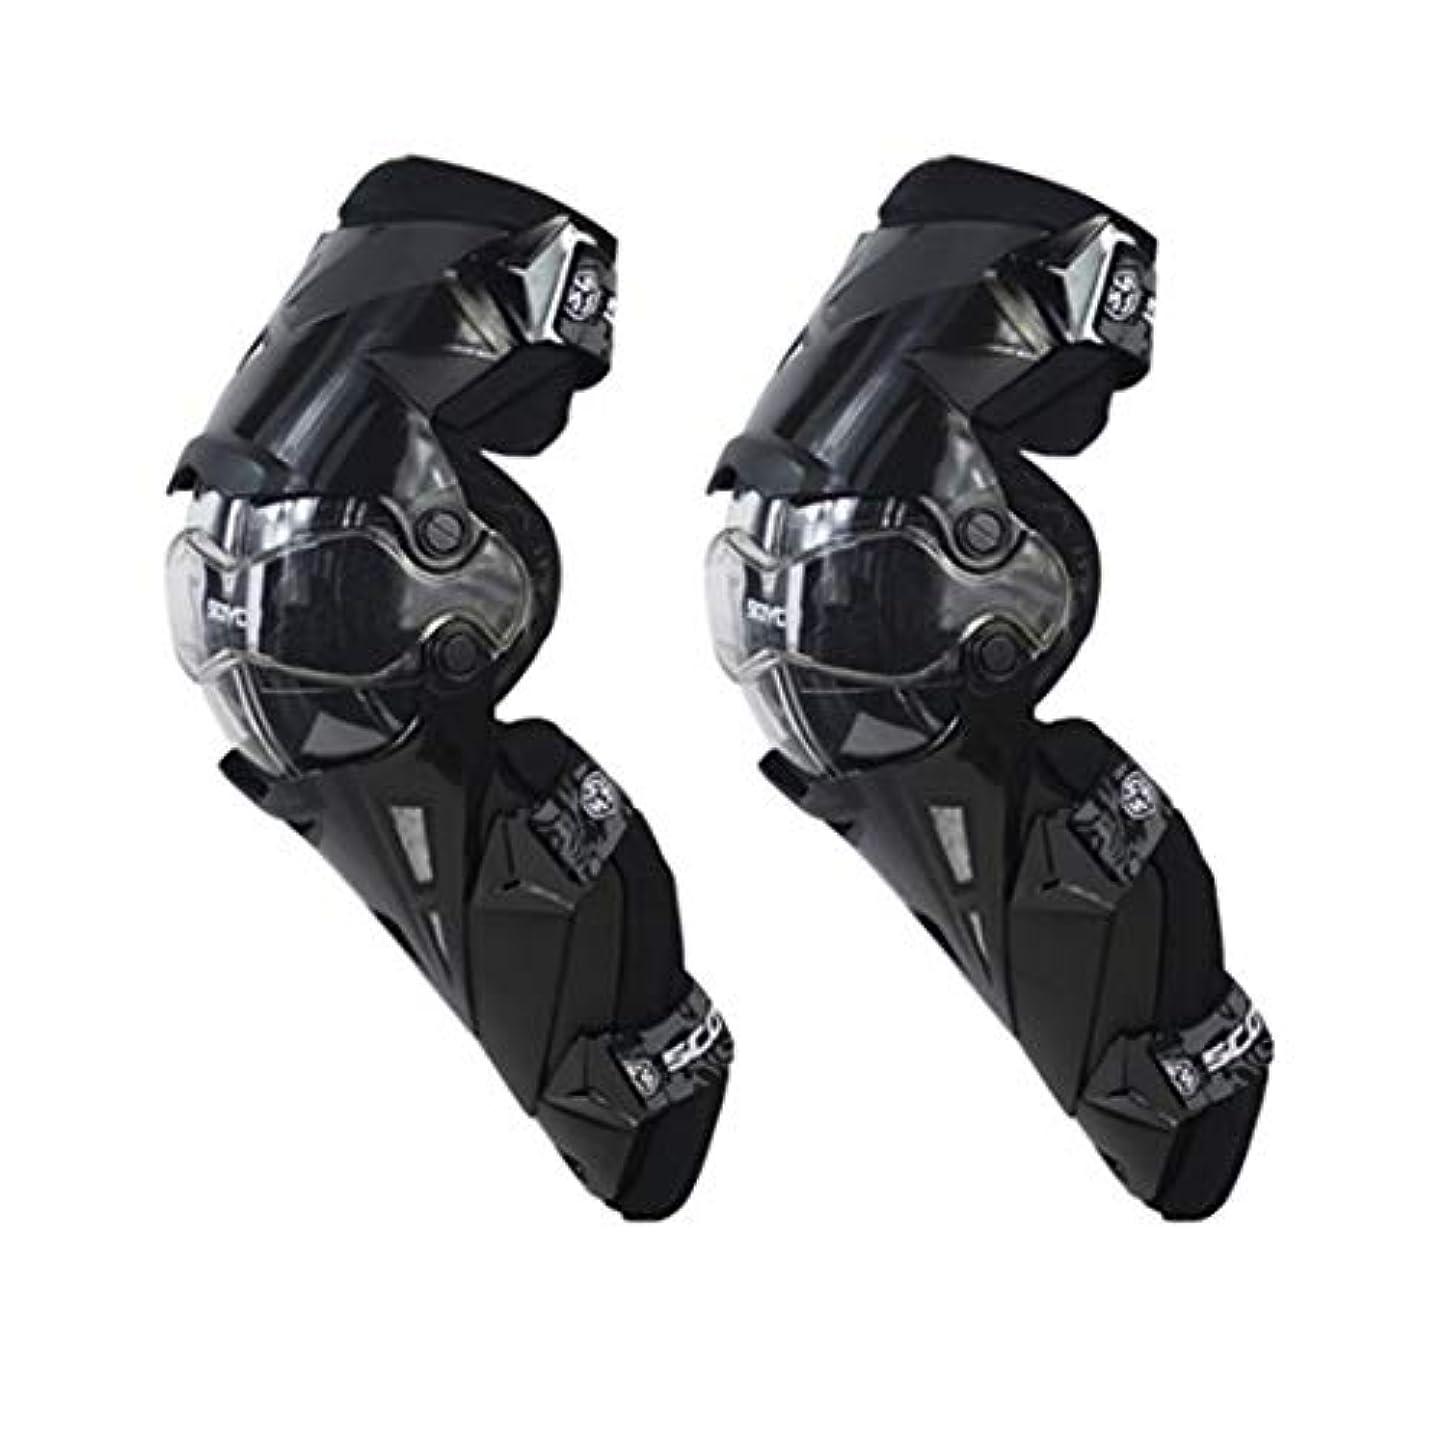 光景抵抗伝染病CAFUTY 保護膝パッド大人通気性調節可能なアラミド繊維モトクロスMTB新ガードサイクリングスケーティングスキー (Color : ブラック)